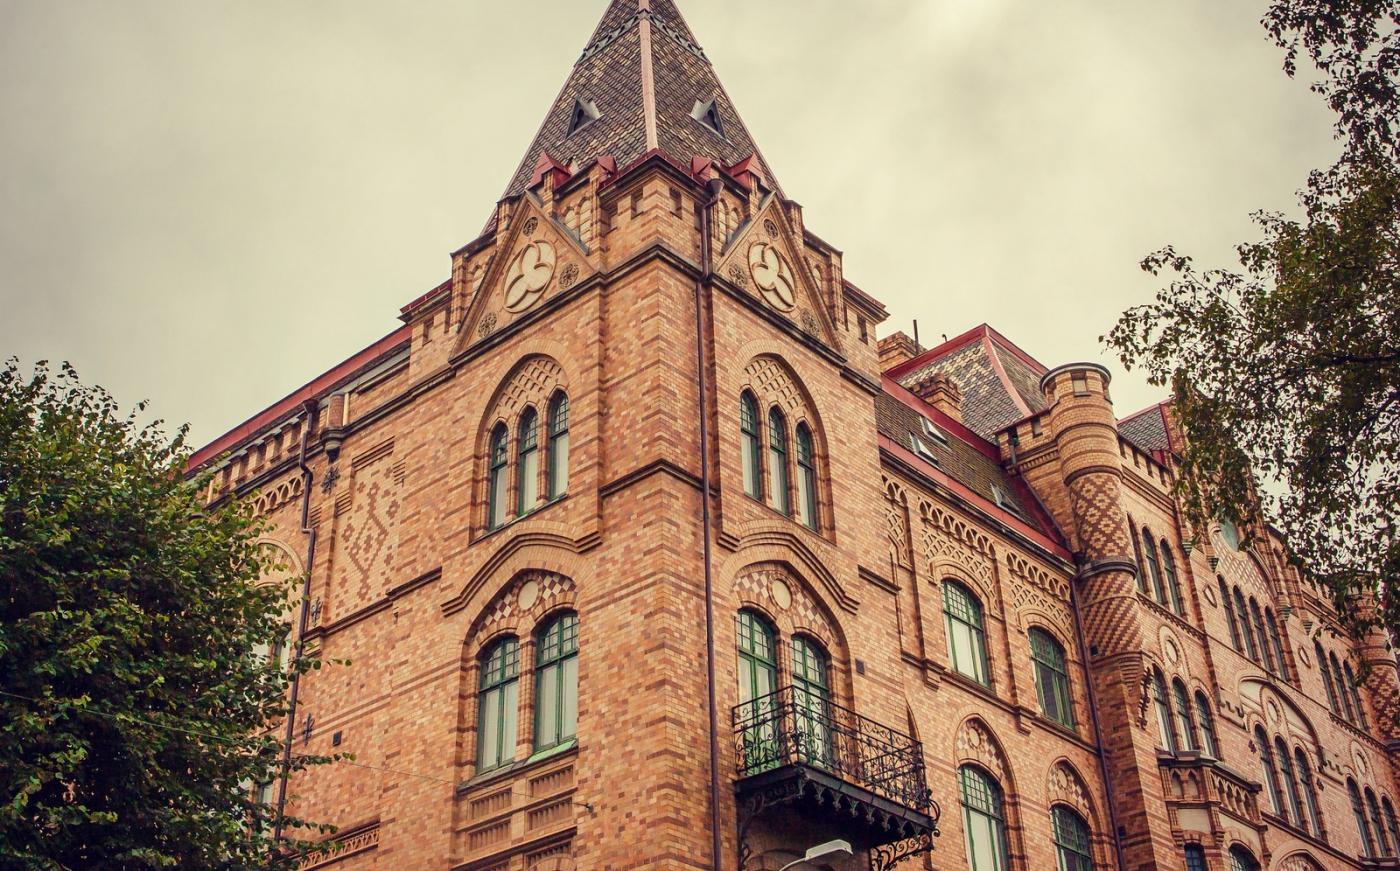 瑞典哥德堡,這幢大廈很特殊_圖1-13